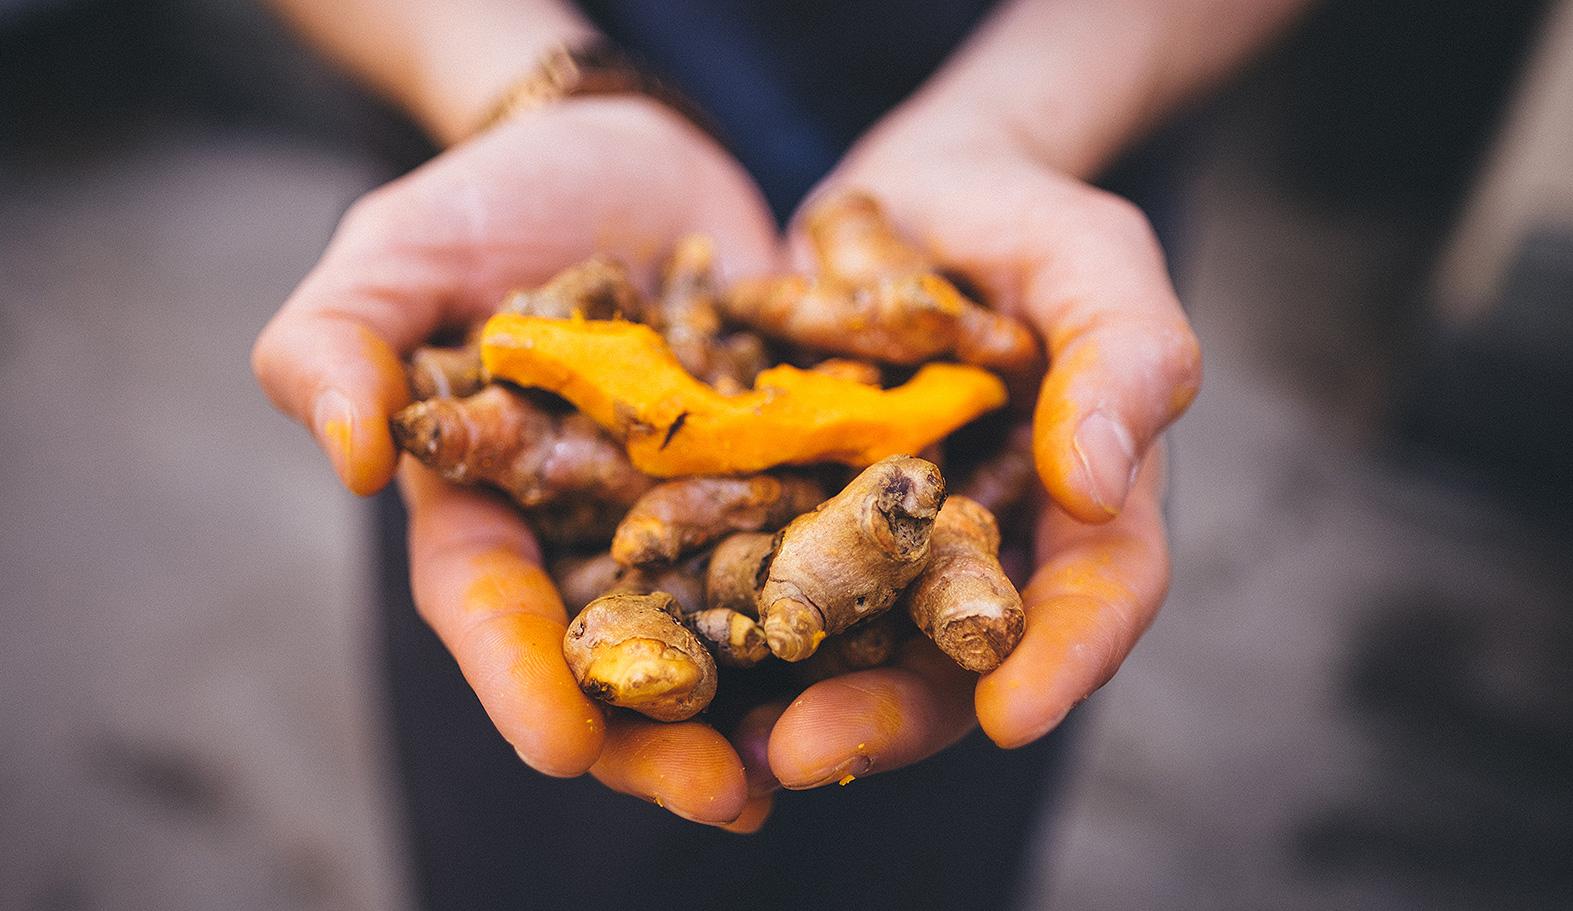 Vi tar fasta på mat som ger hälsa till alla. Näringsrik mat som ligger så nära råvarorna som möjligt.